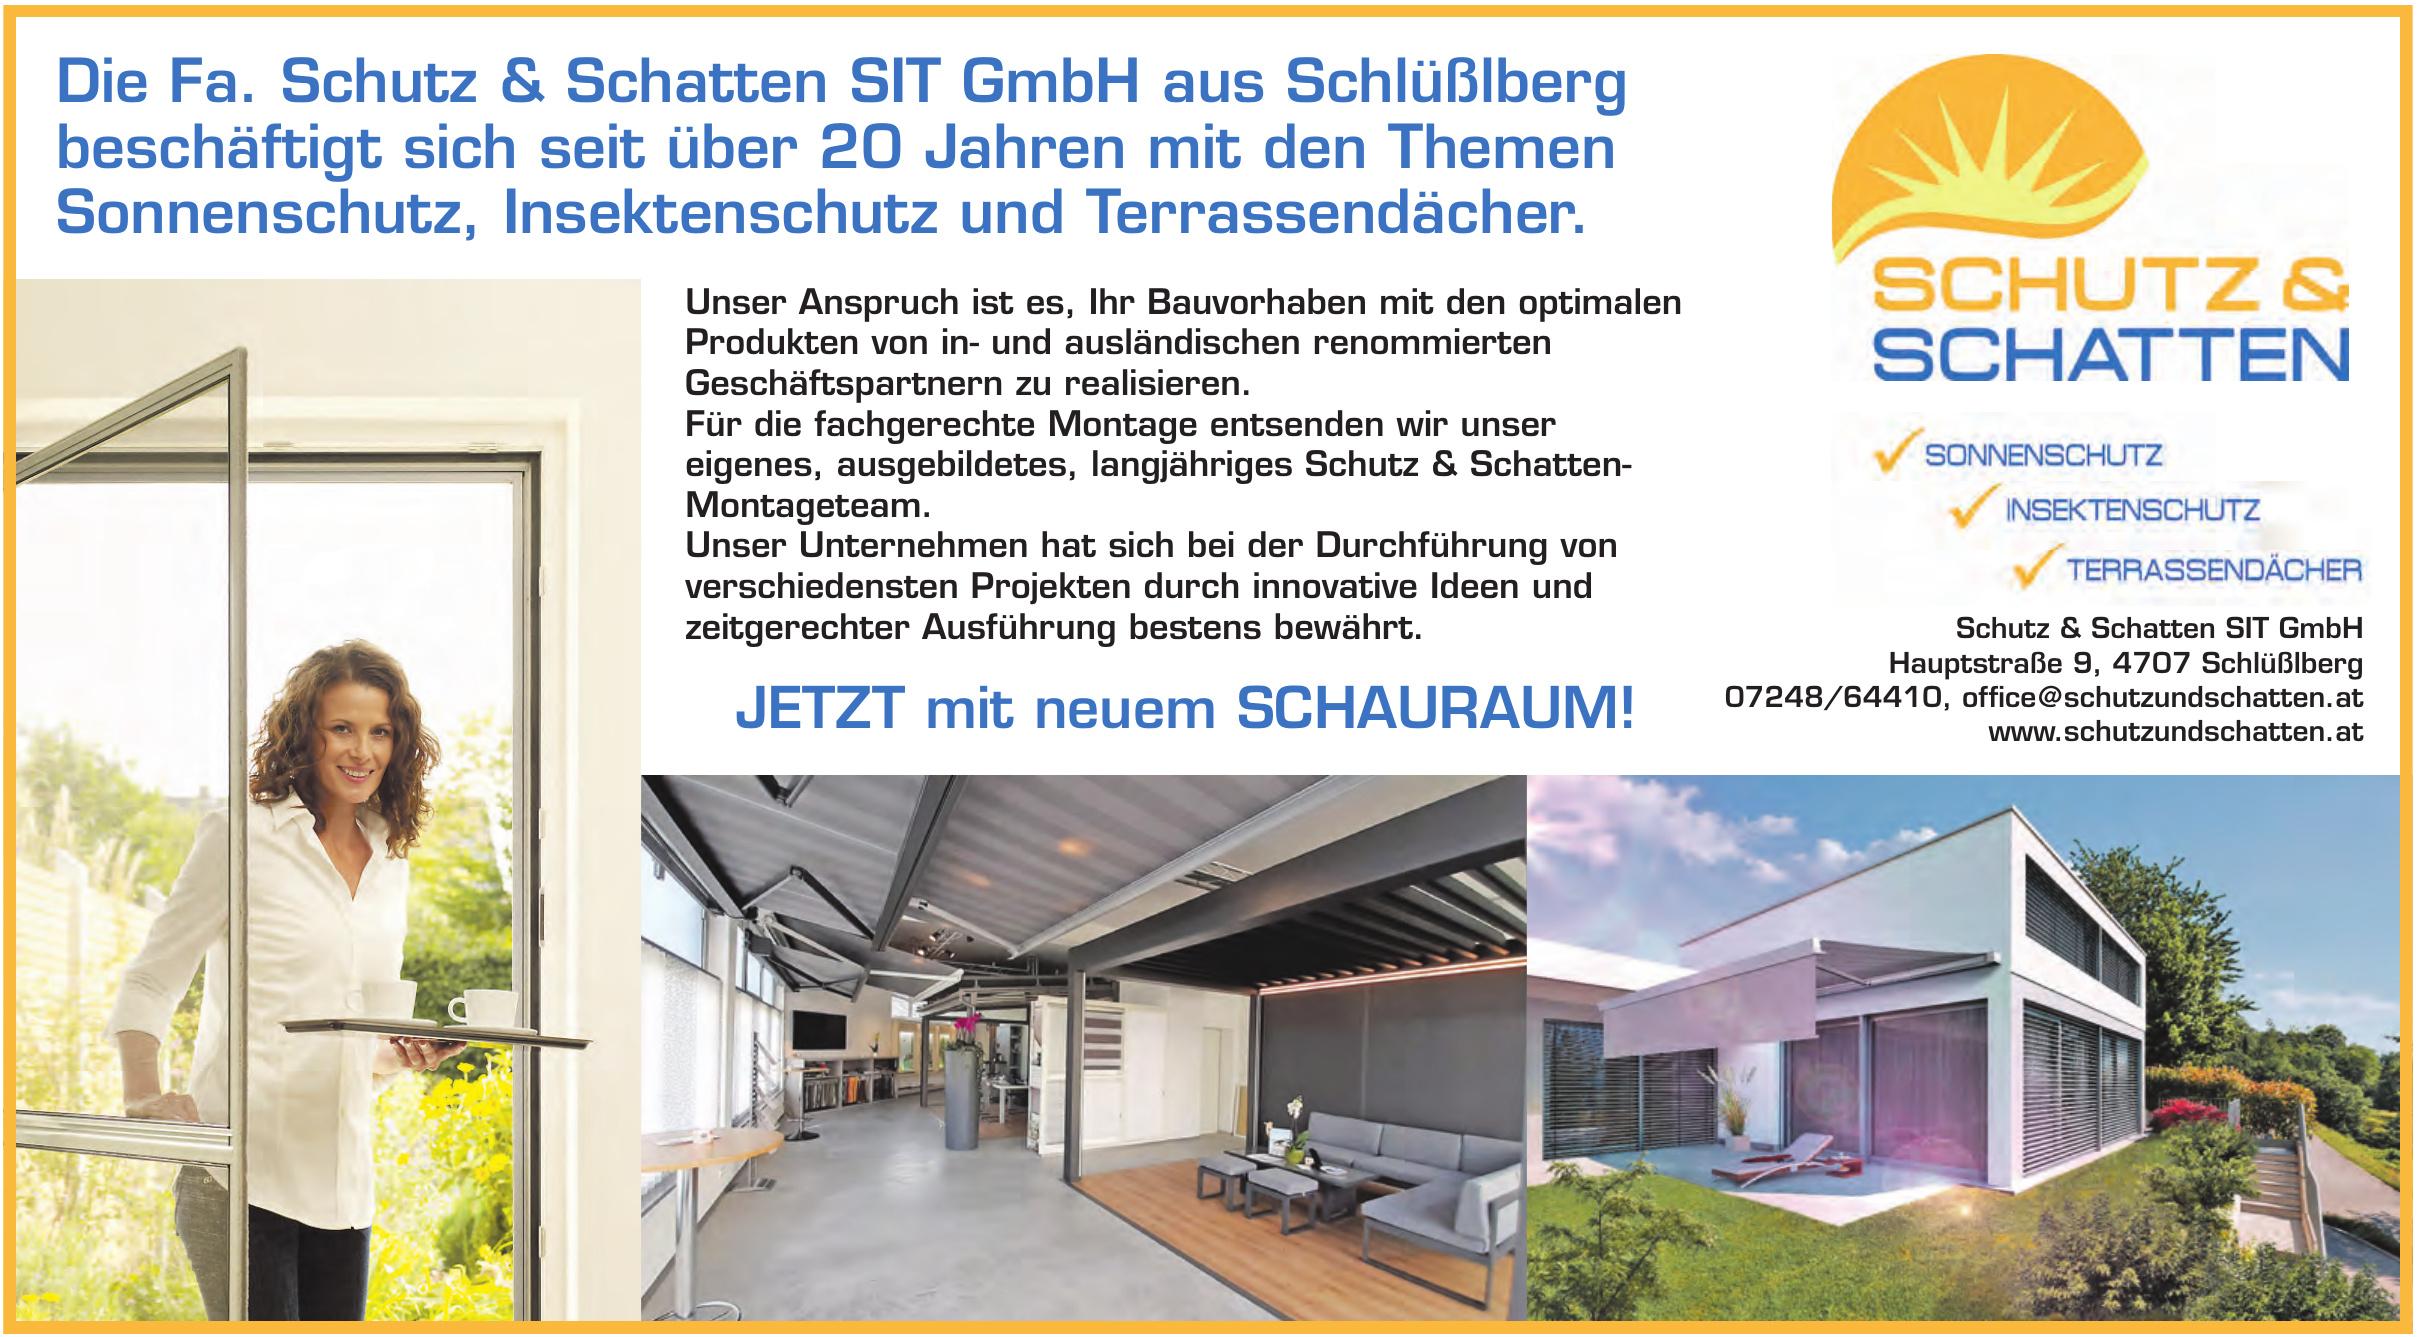 Schutz & Schatten SIT GmbH